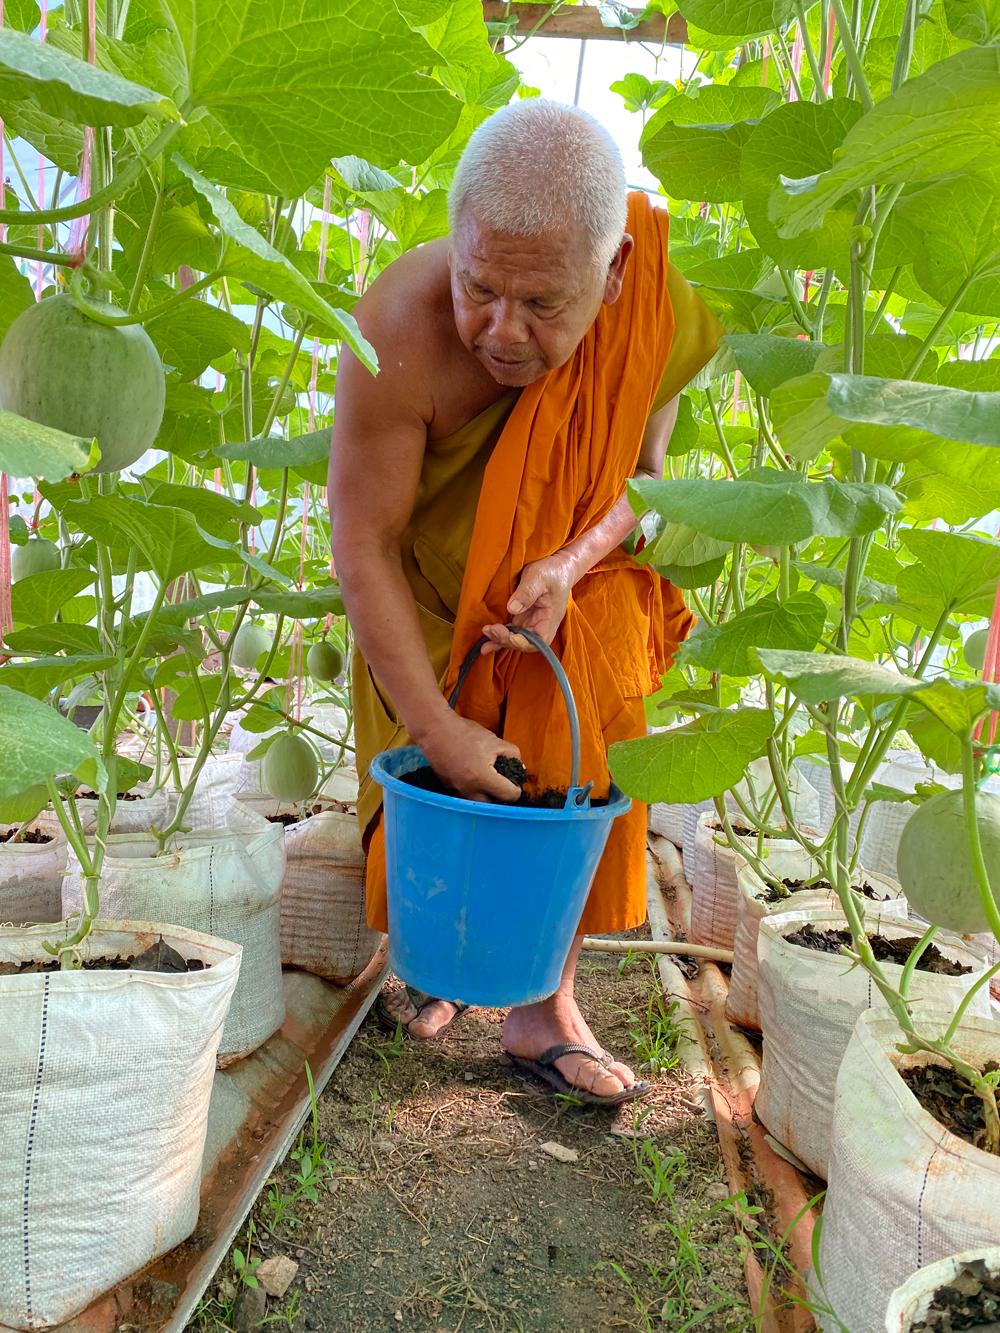 ม.ทักษิณหนุนวัดตะโหมด ส่งเสริมเกษตรกรปลูกเมล่อนอินทรีย์